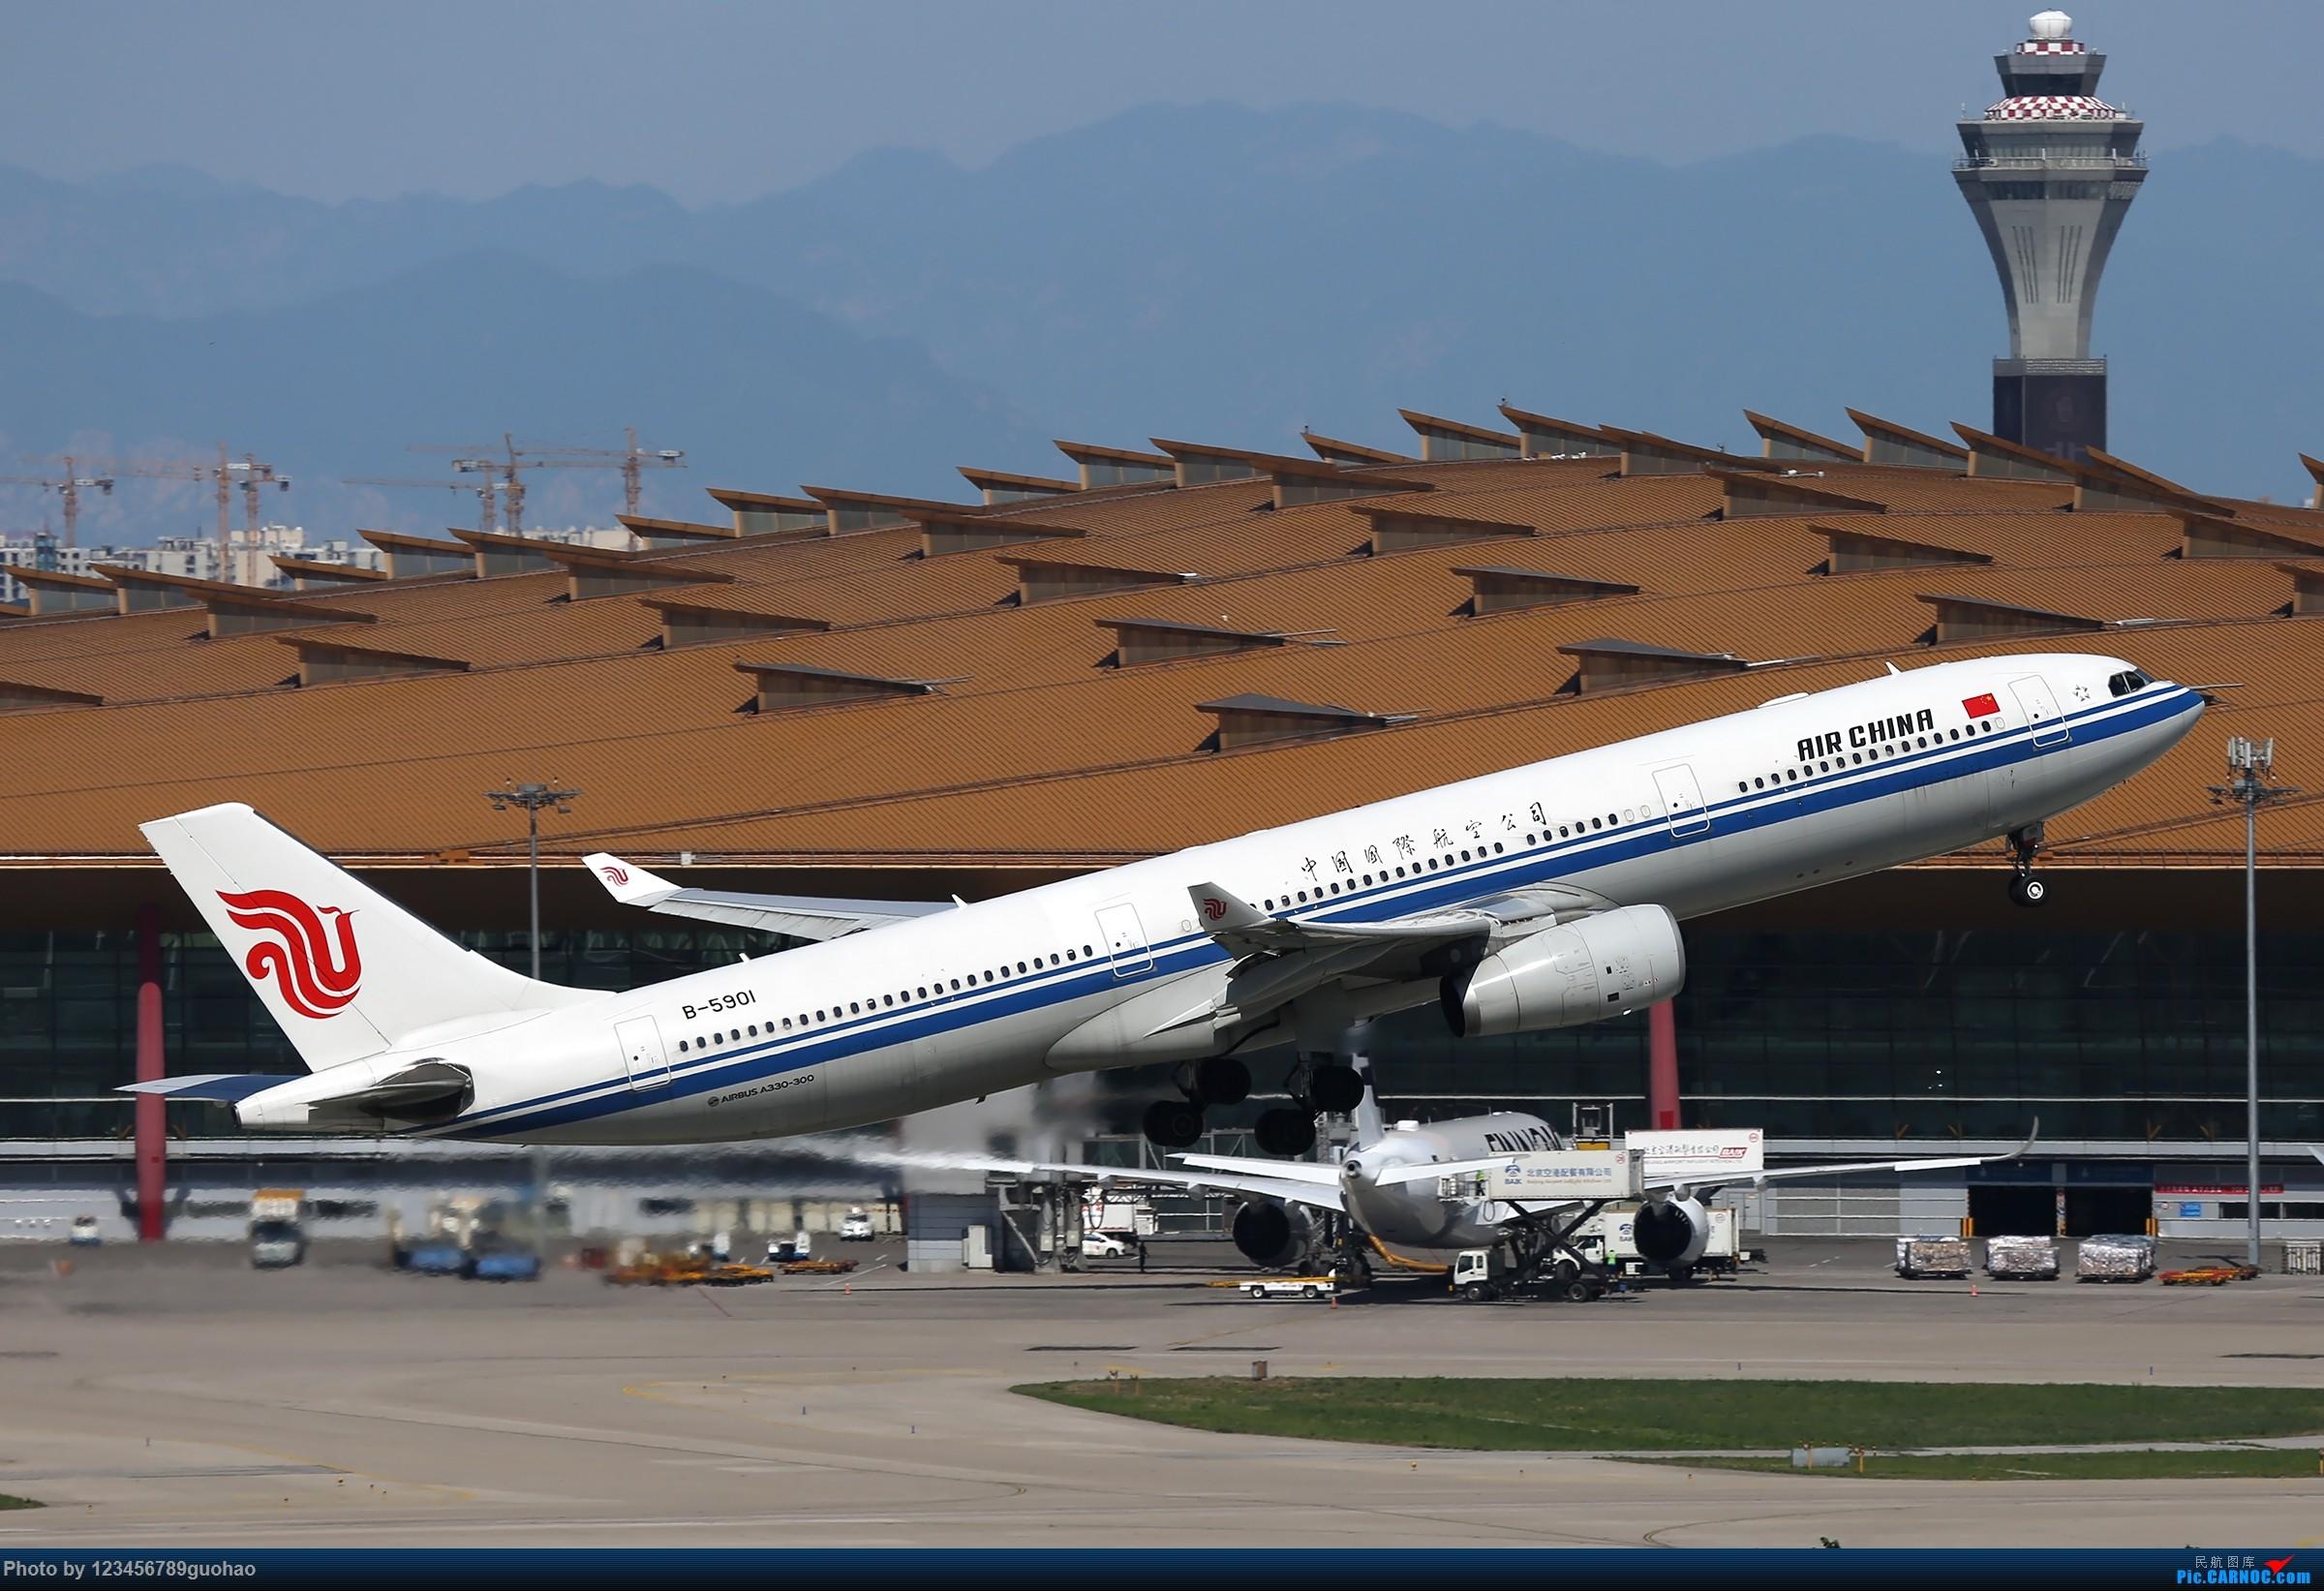 [原创]B-5901 AIRBUS A330-300 B-5901 北京首都国际机场